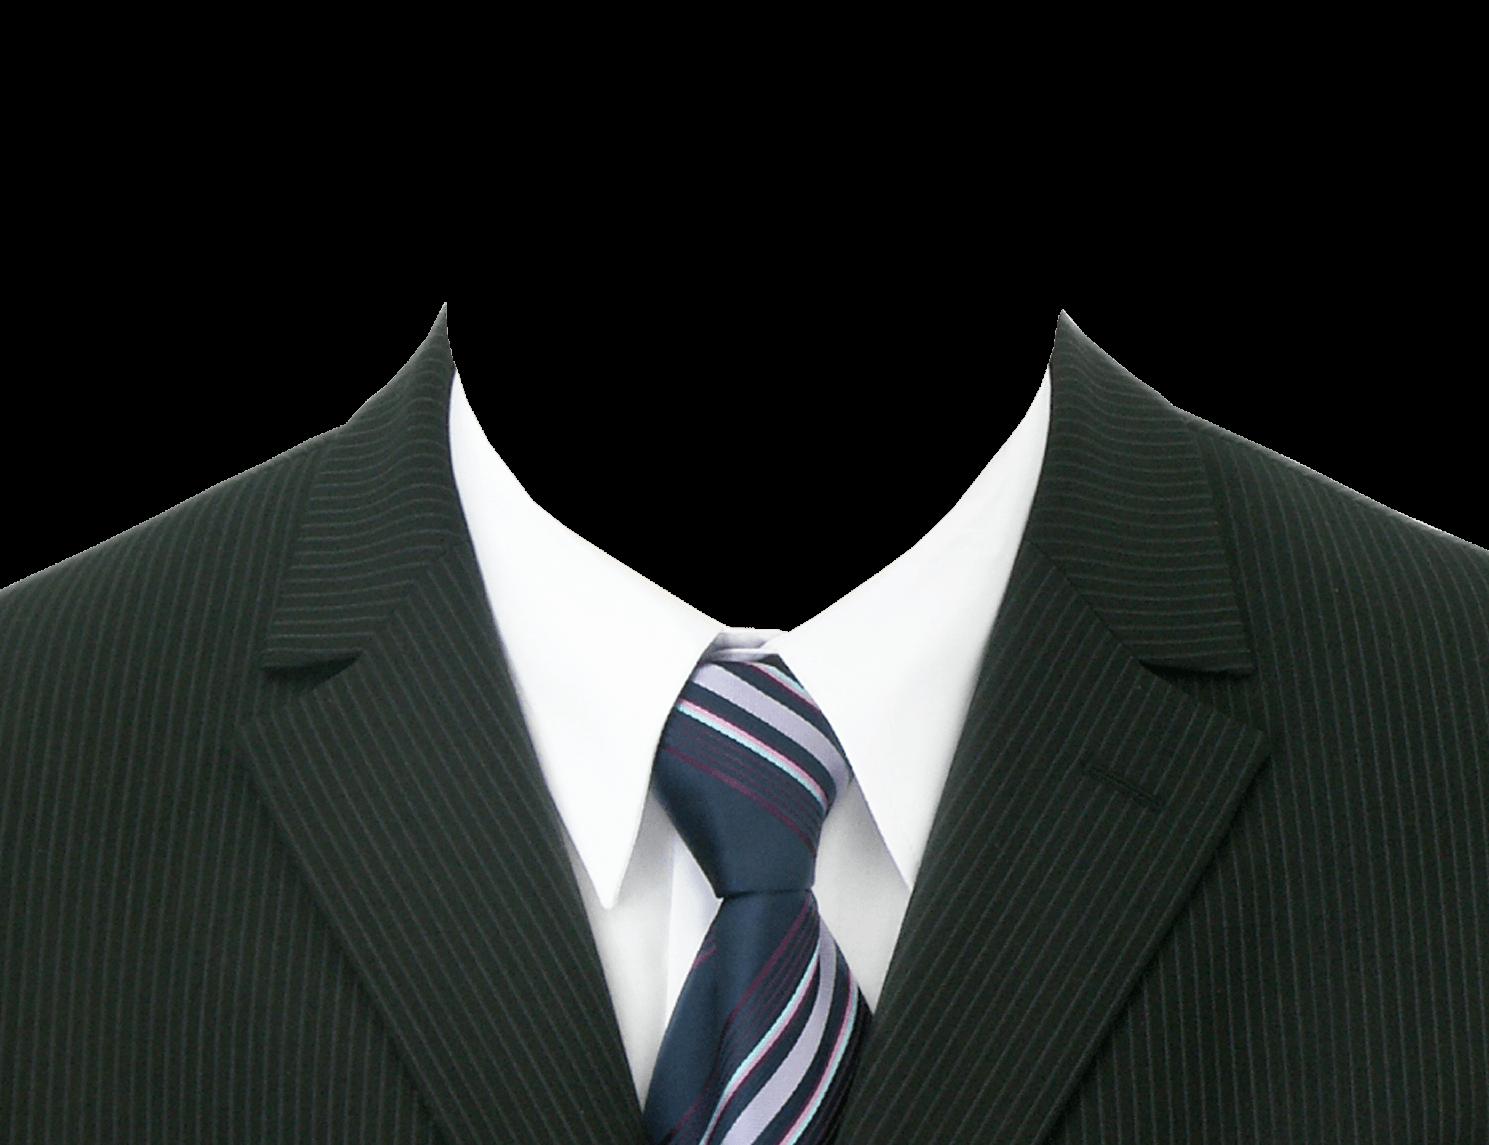 Suit clipart 3 piece suit, Suit 3 piece suit Transparent.